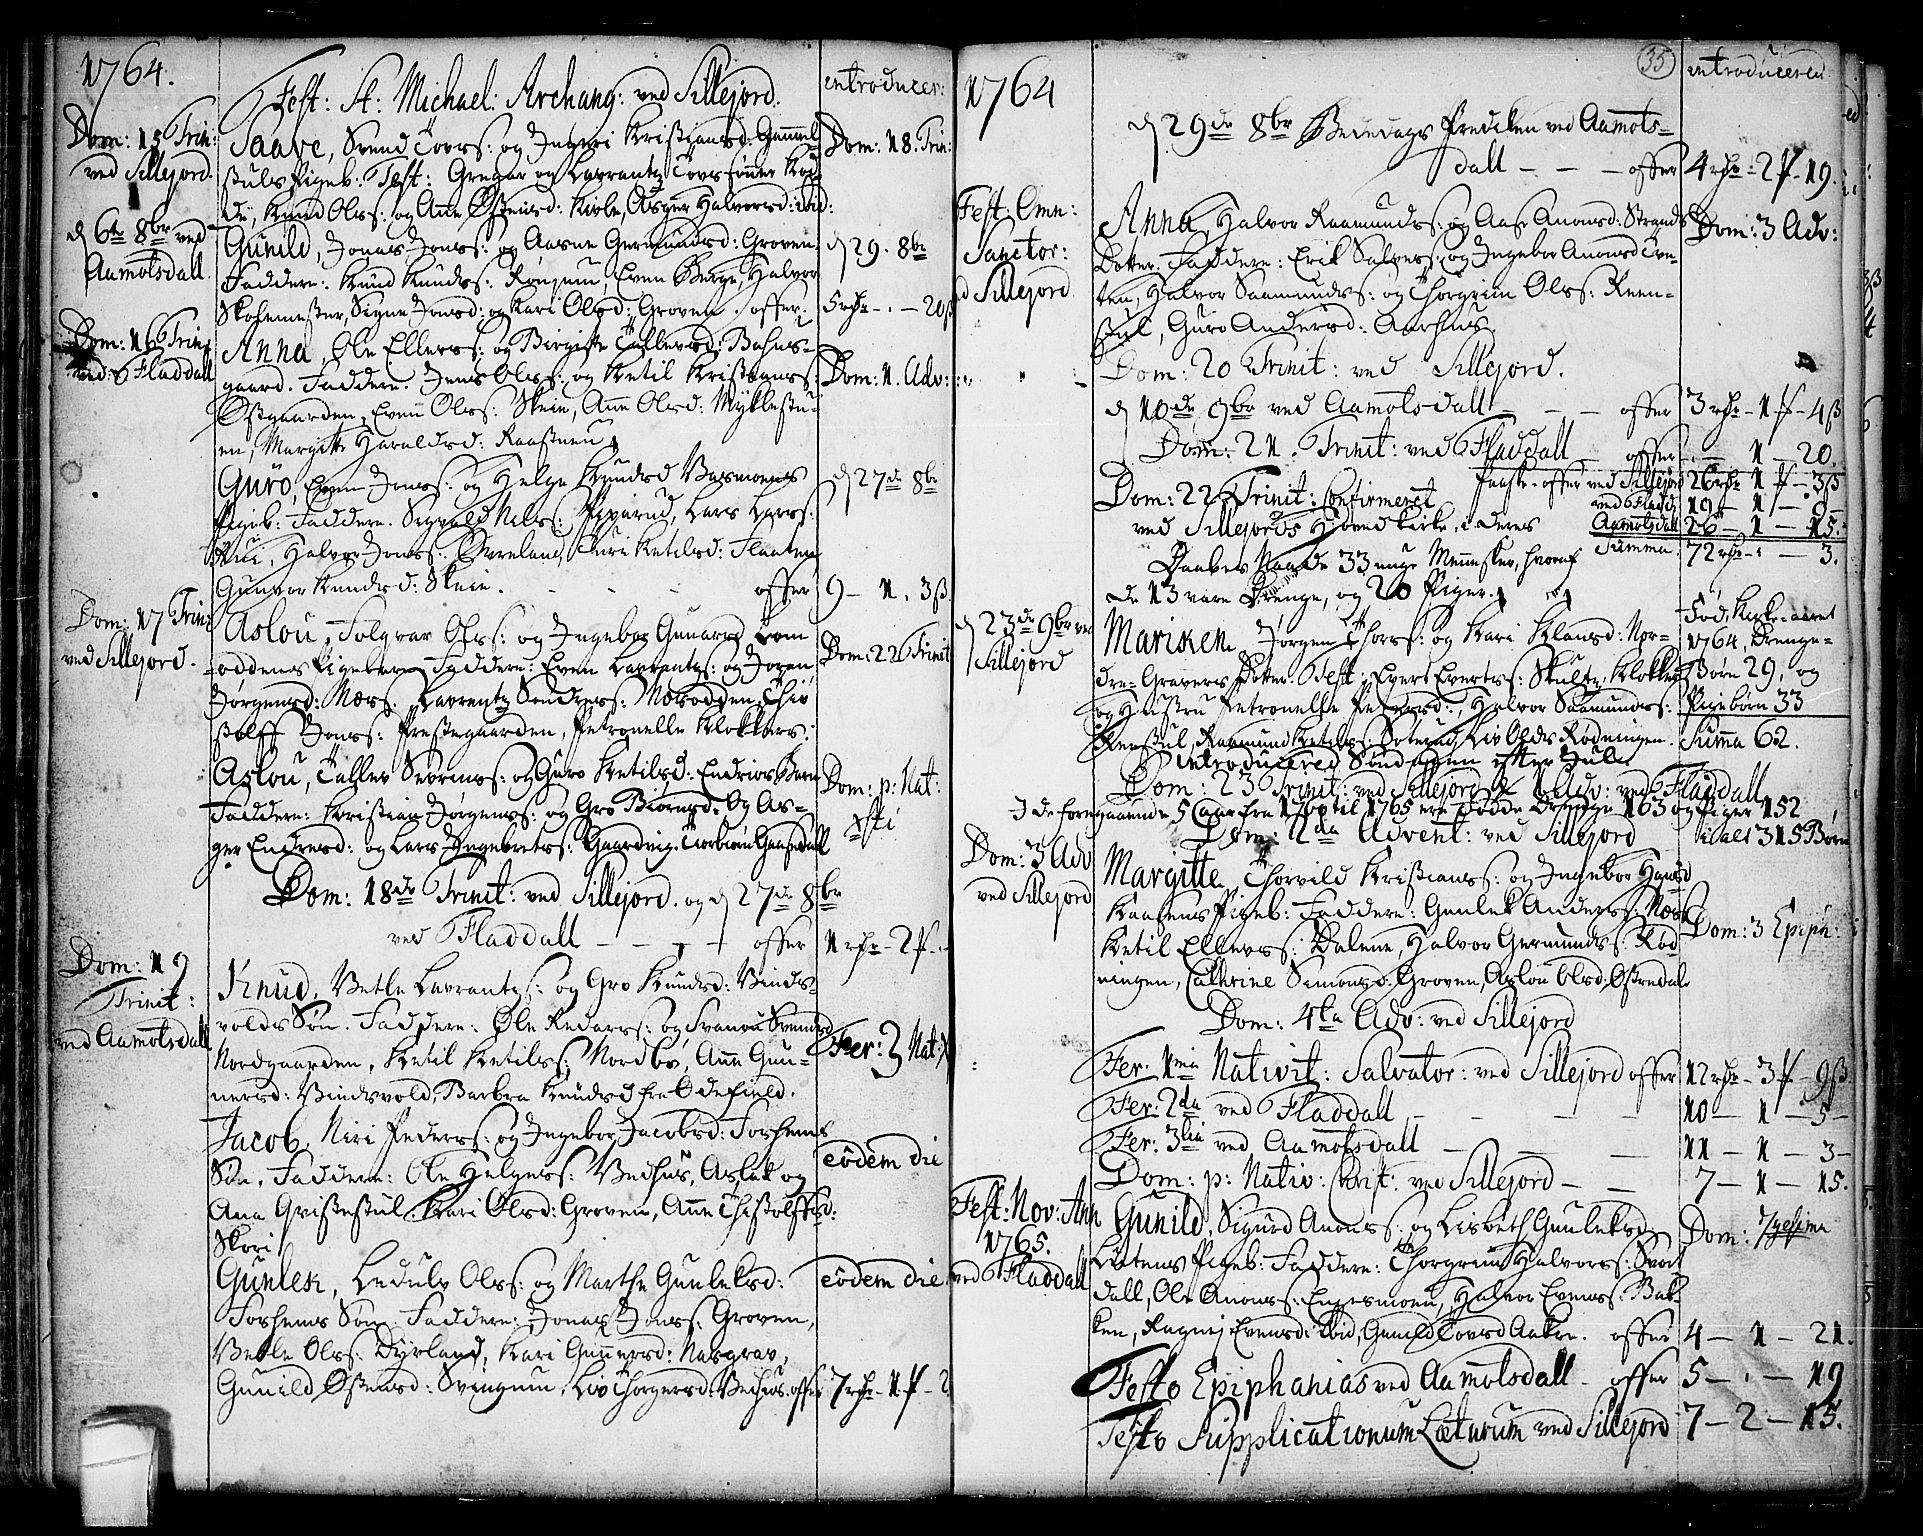 SAKO, Seljord kirkebøker, F/Fa/L0007: Ministerialbok nr. I 7, 1755-1800, s. 35